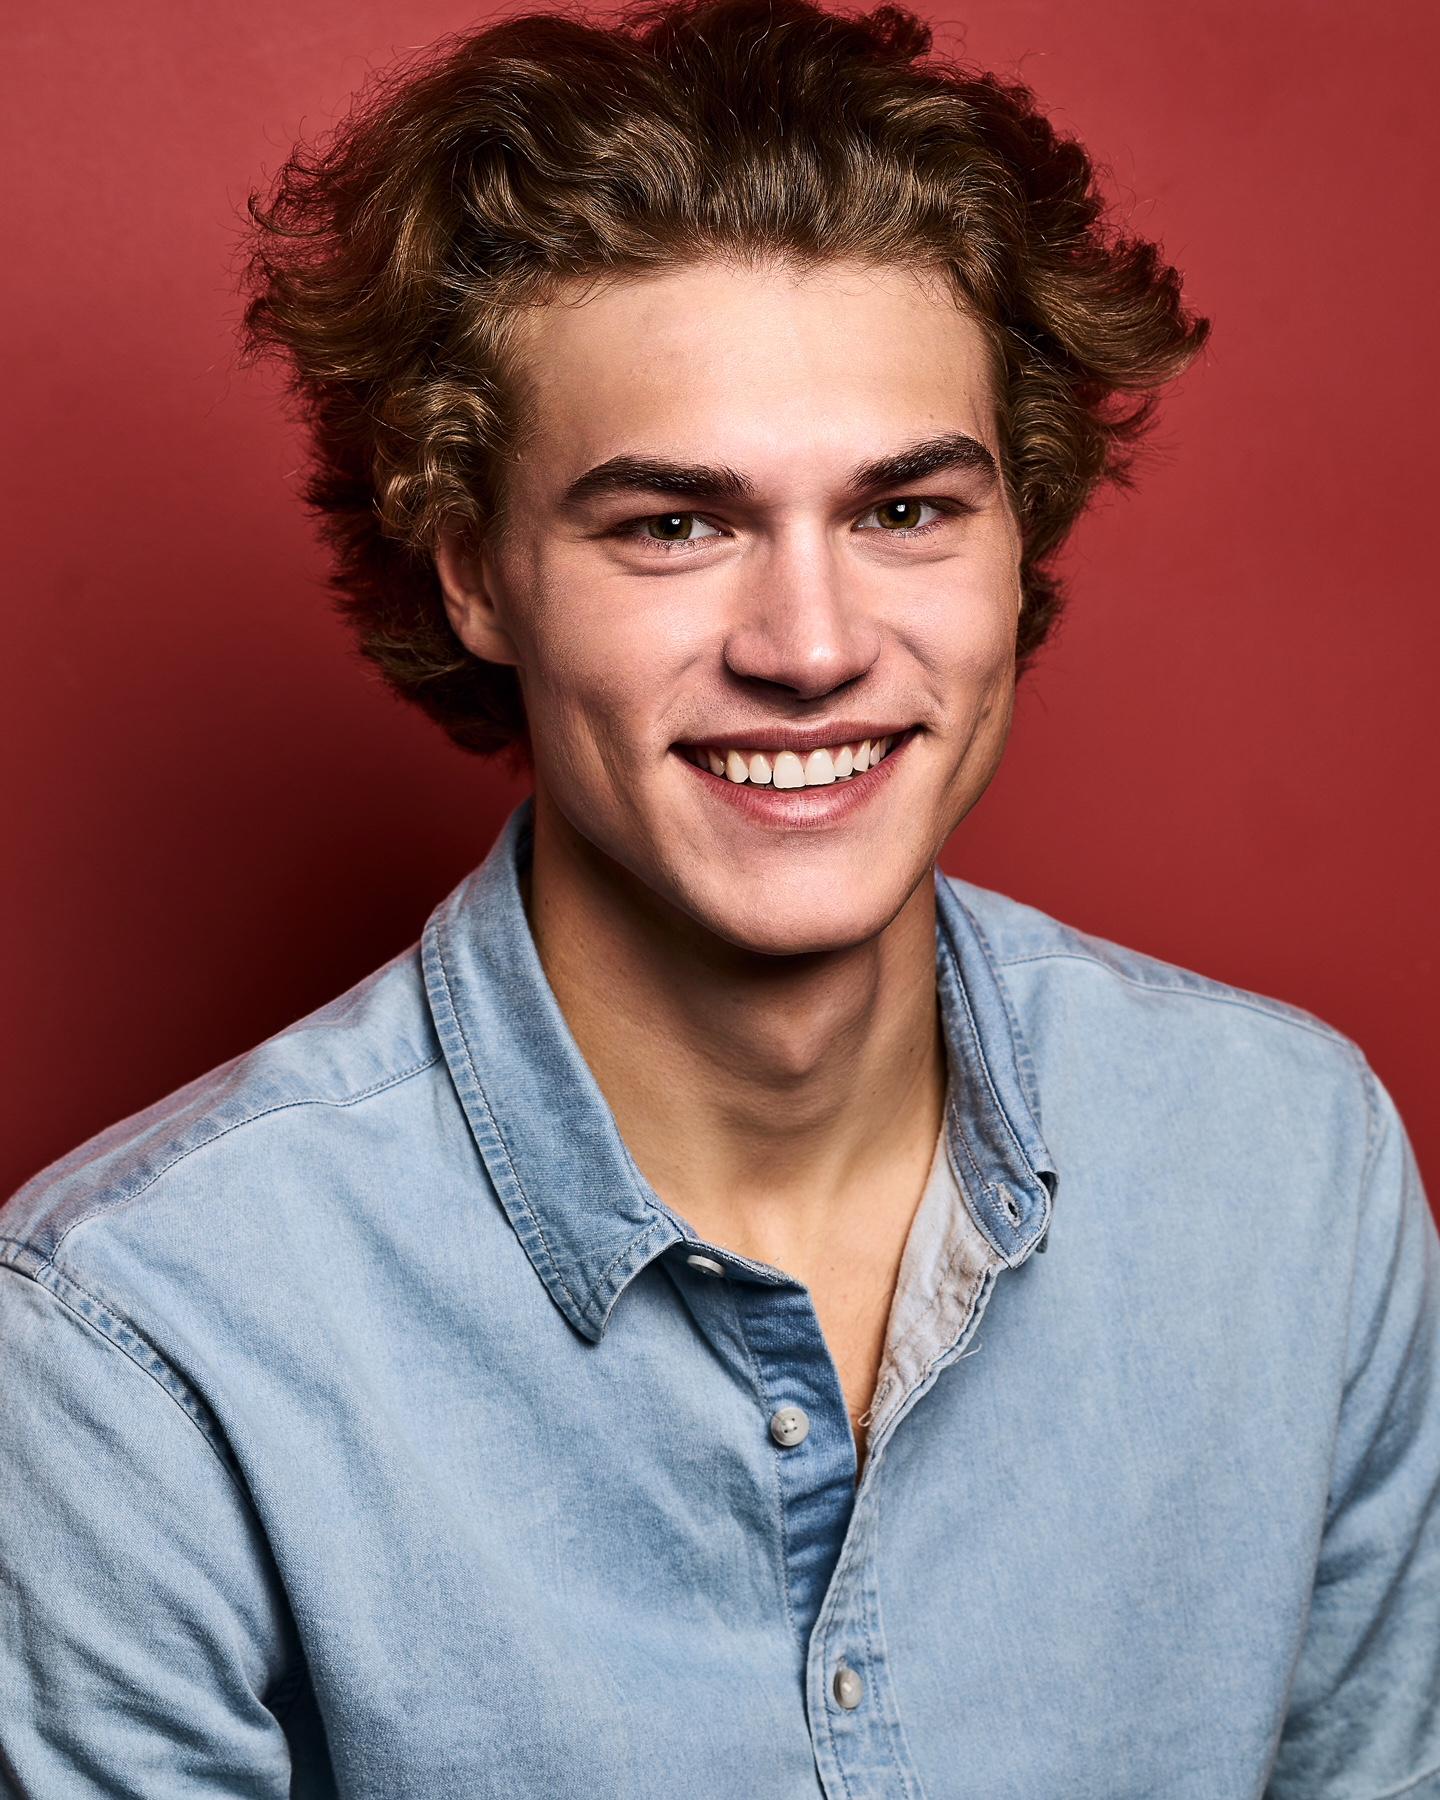 Tyler P. Model + Spokesperson